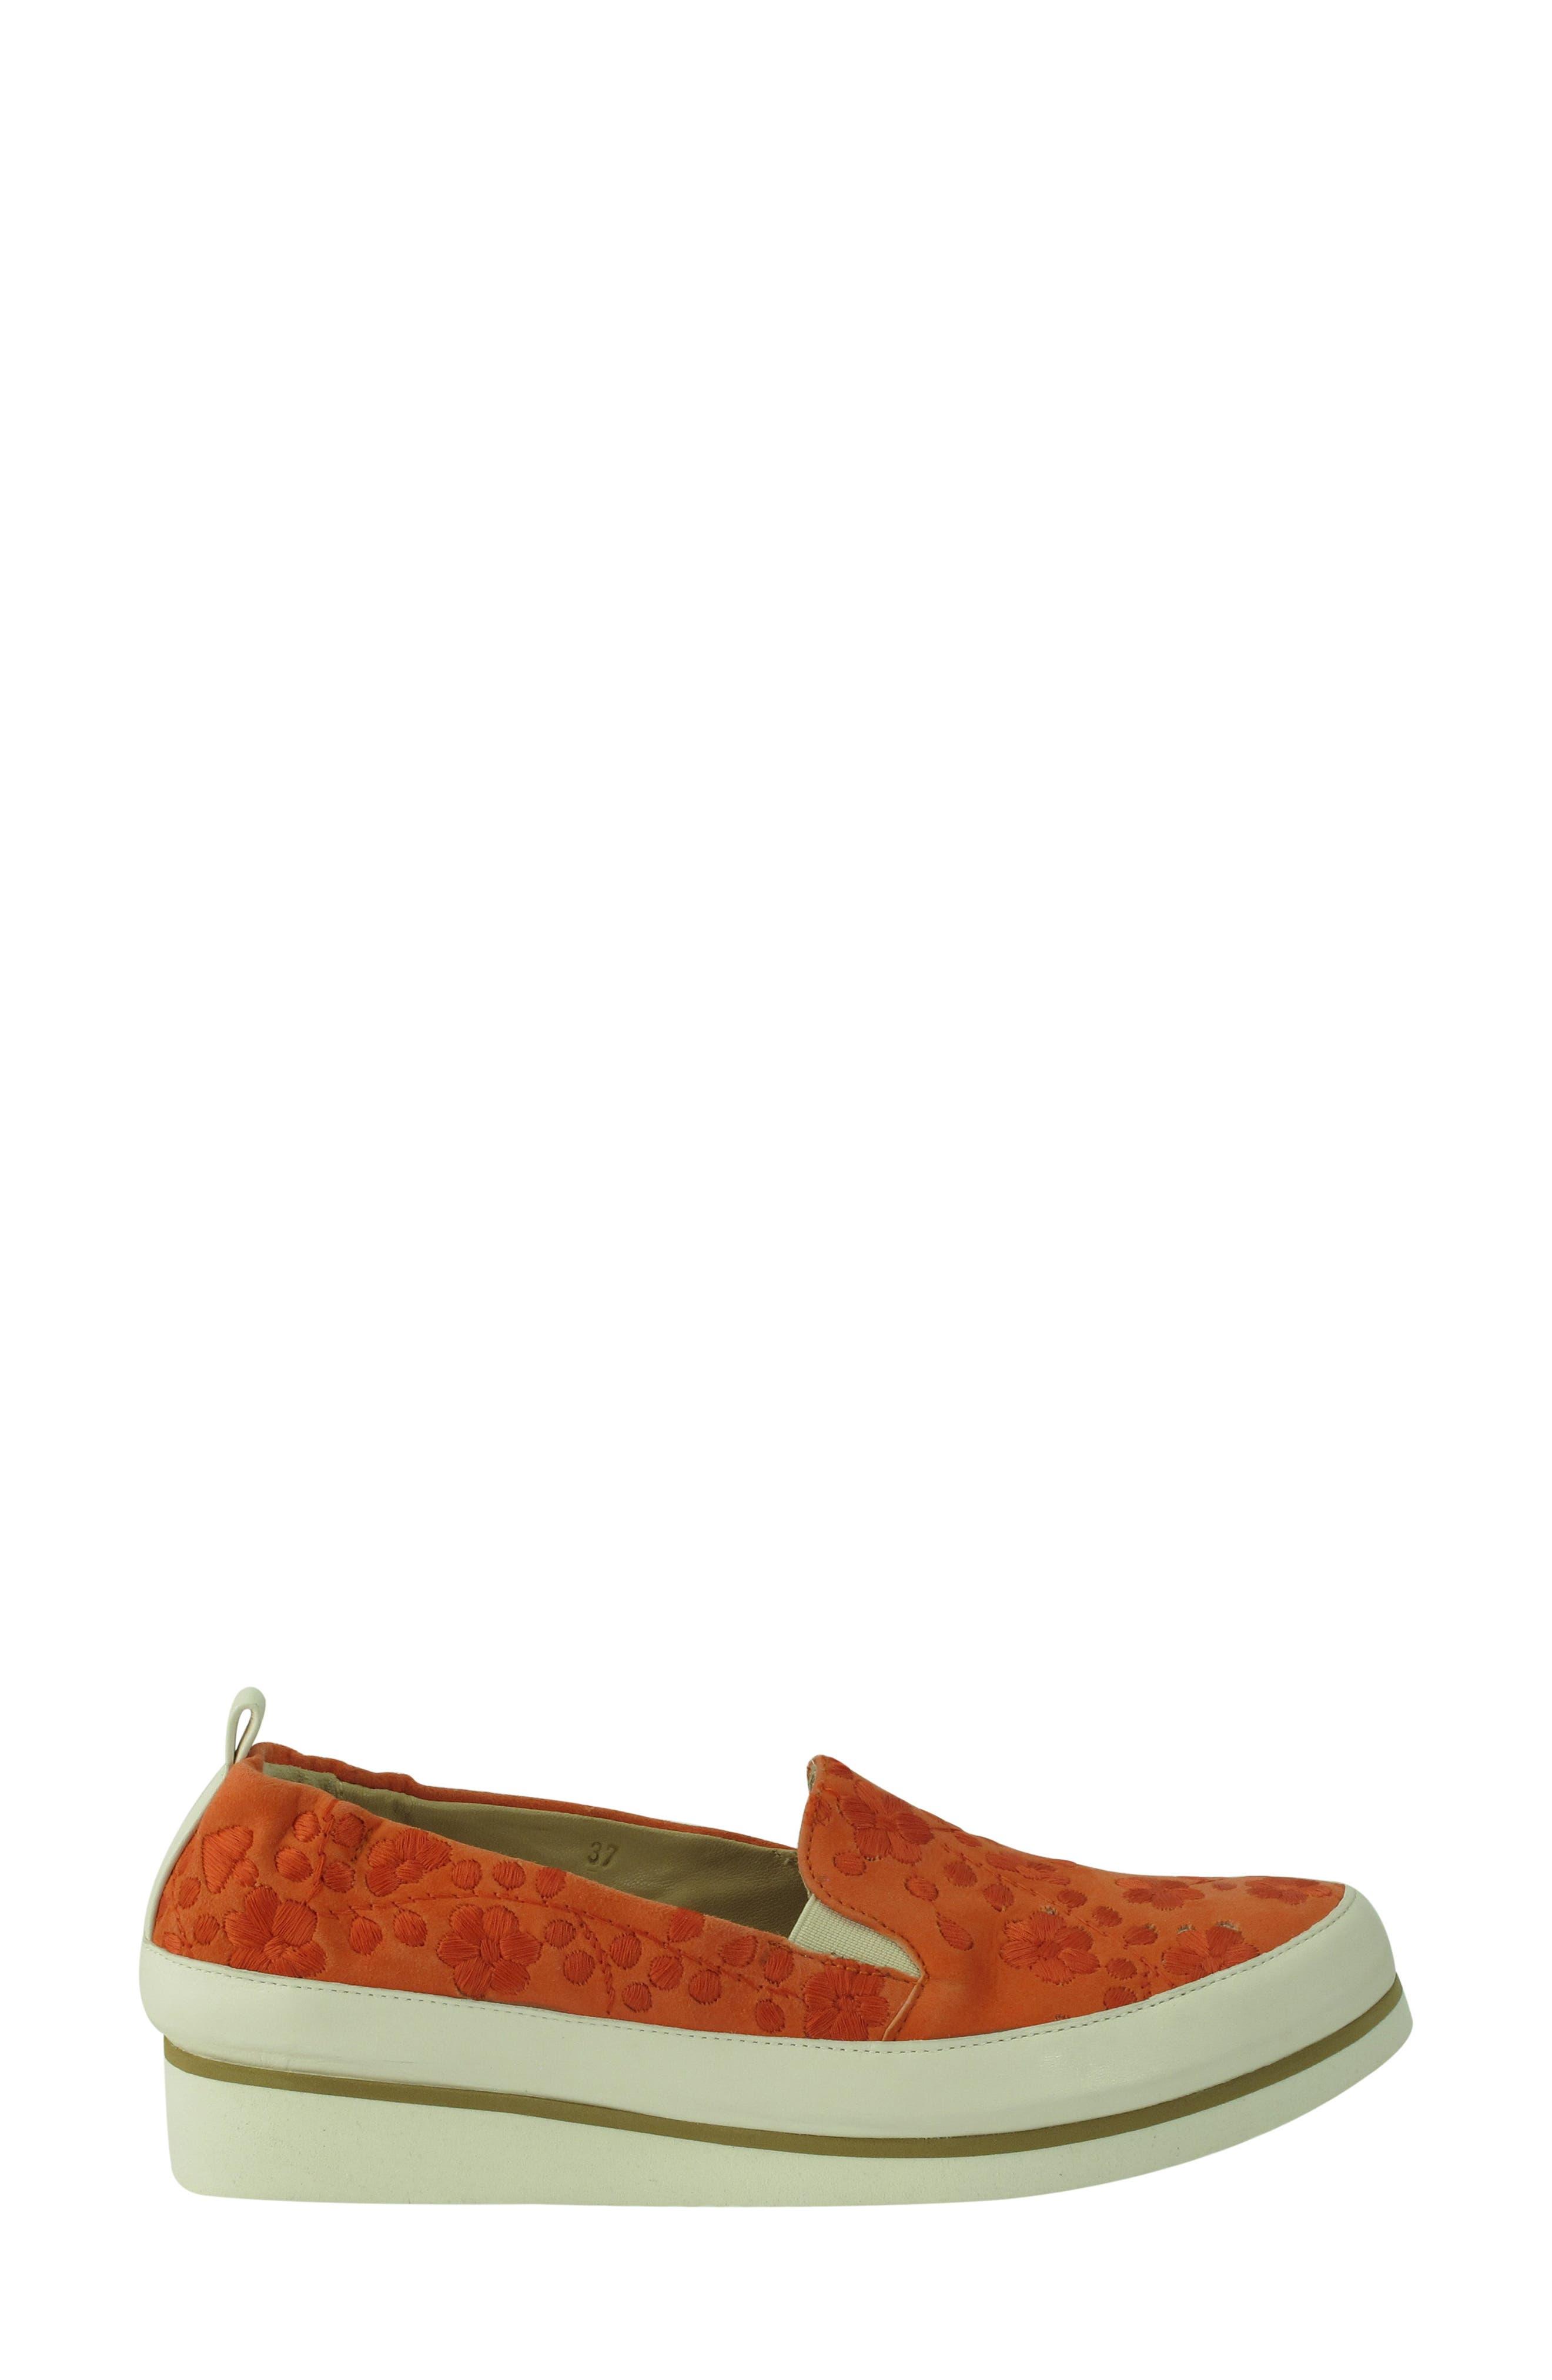 Nell Slip-On Sneaker,                             Alternate thumbnail 5, color,                             Tangerine Suede